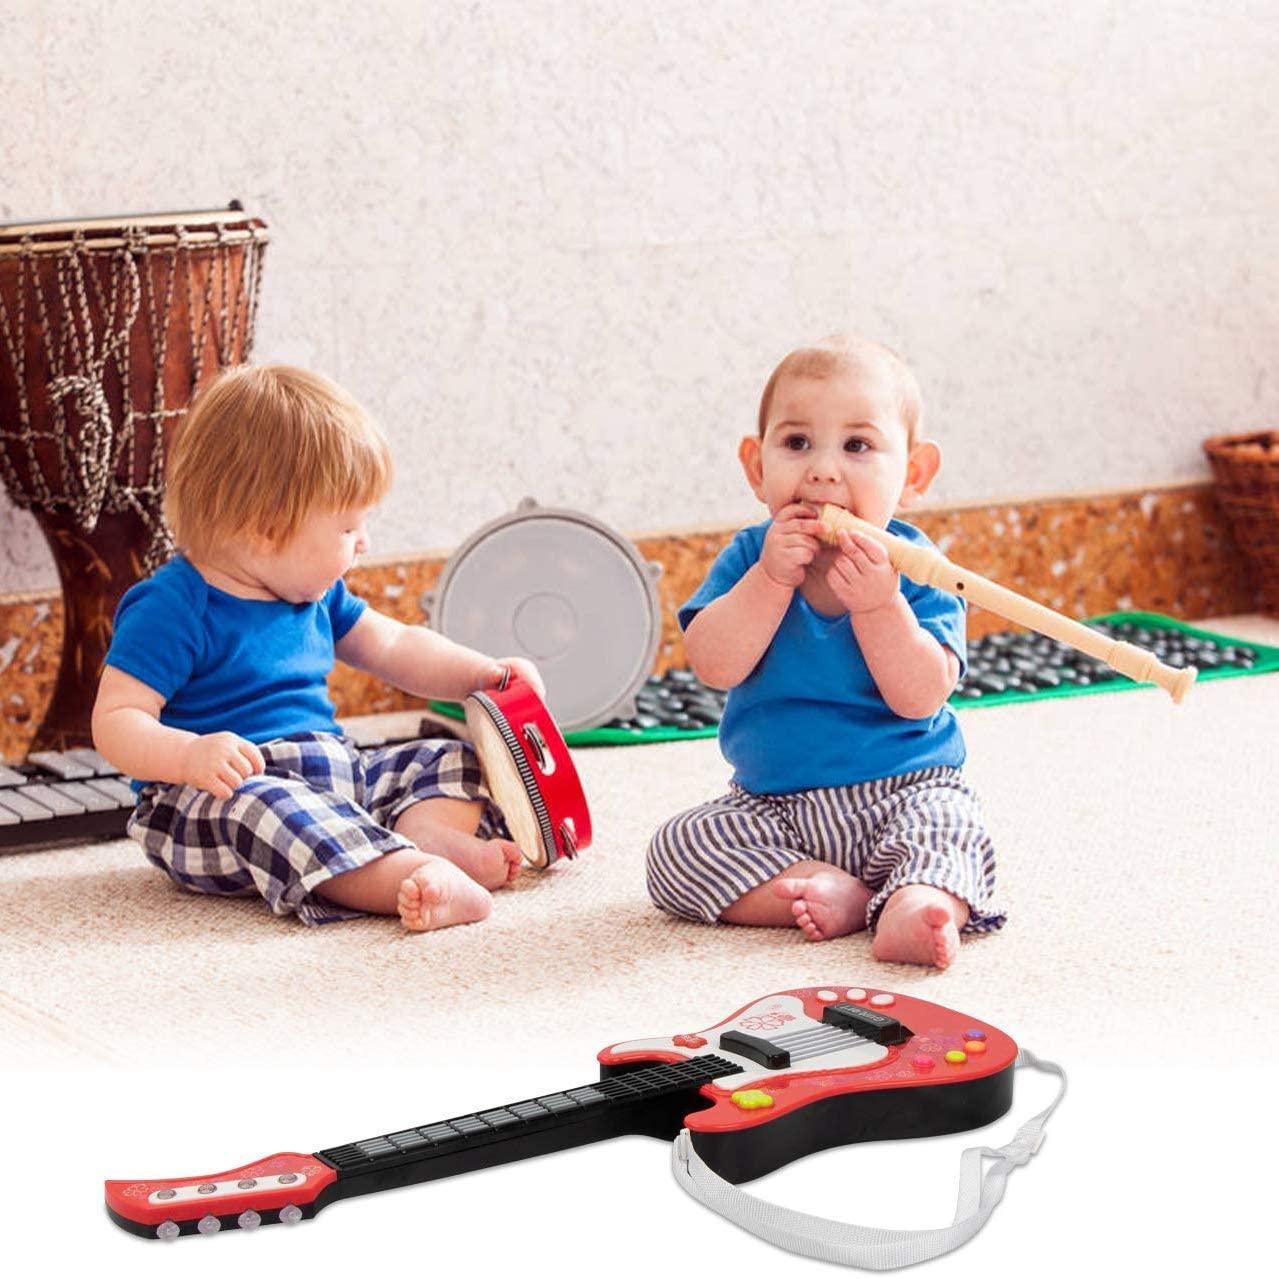 AIMEDYOU 21 Inch Kids Electric Toy Guitar